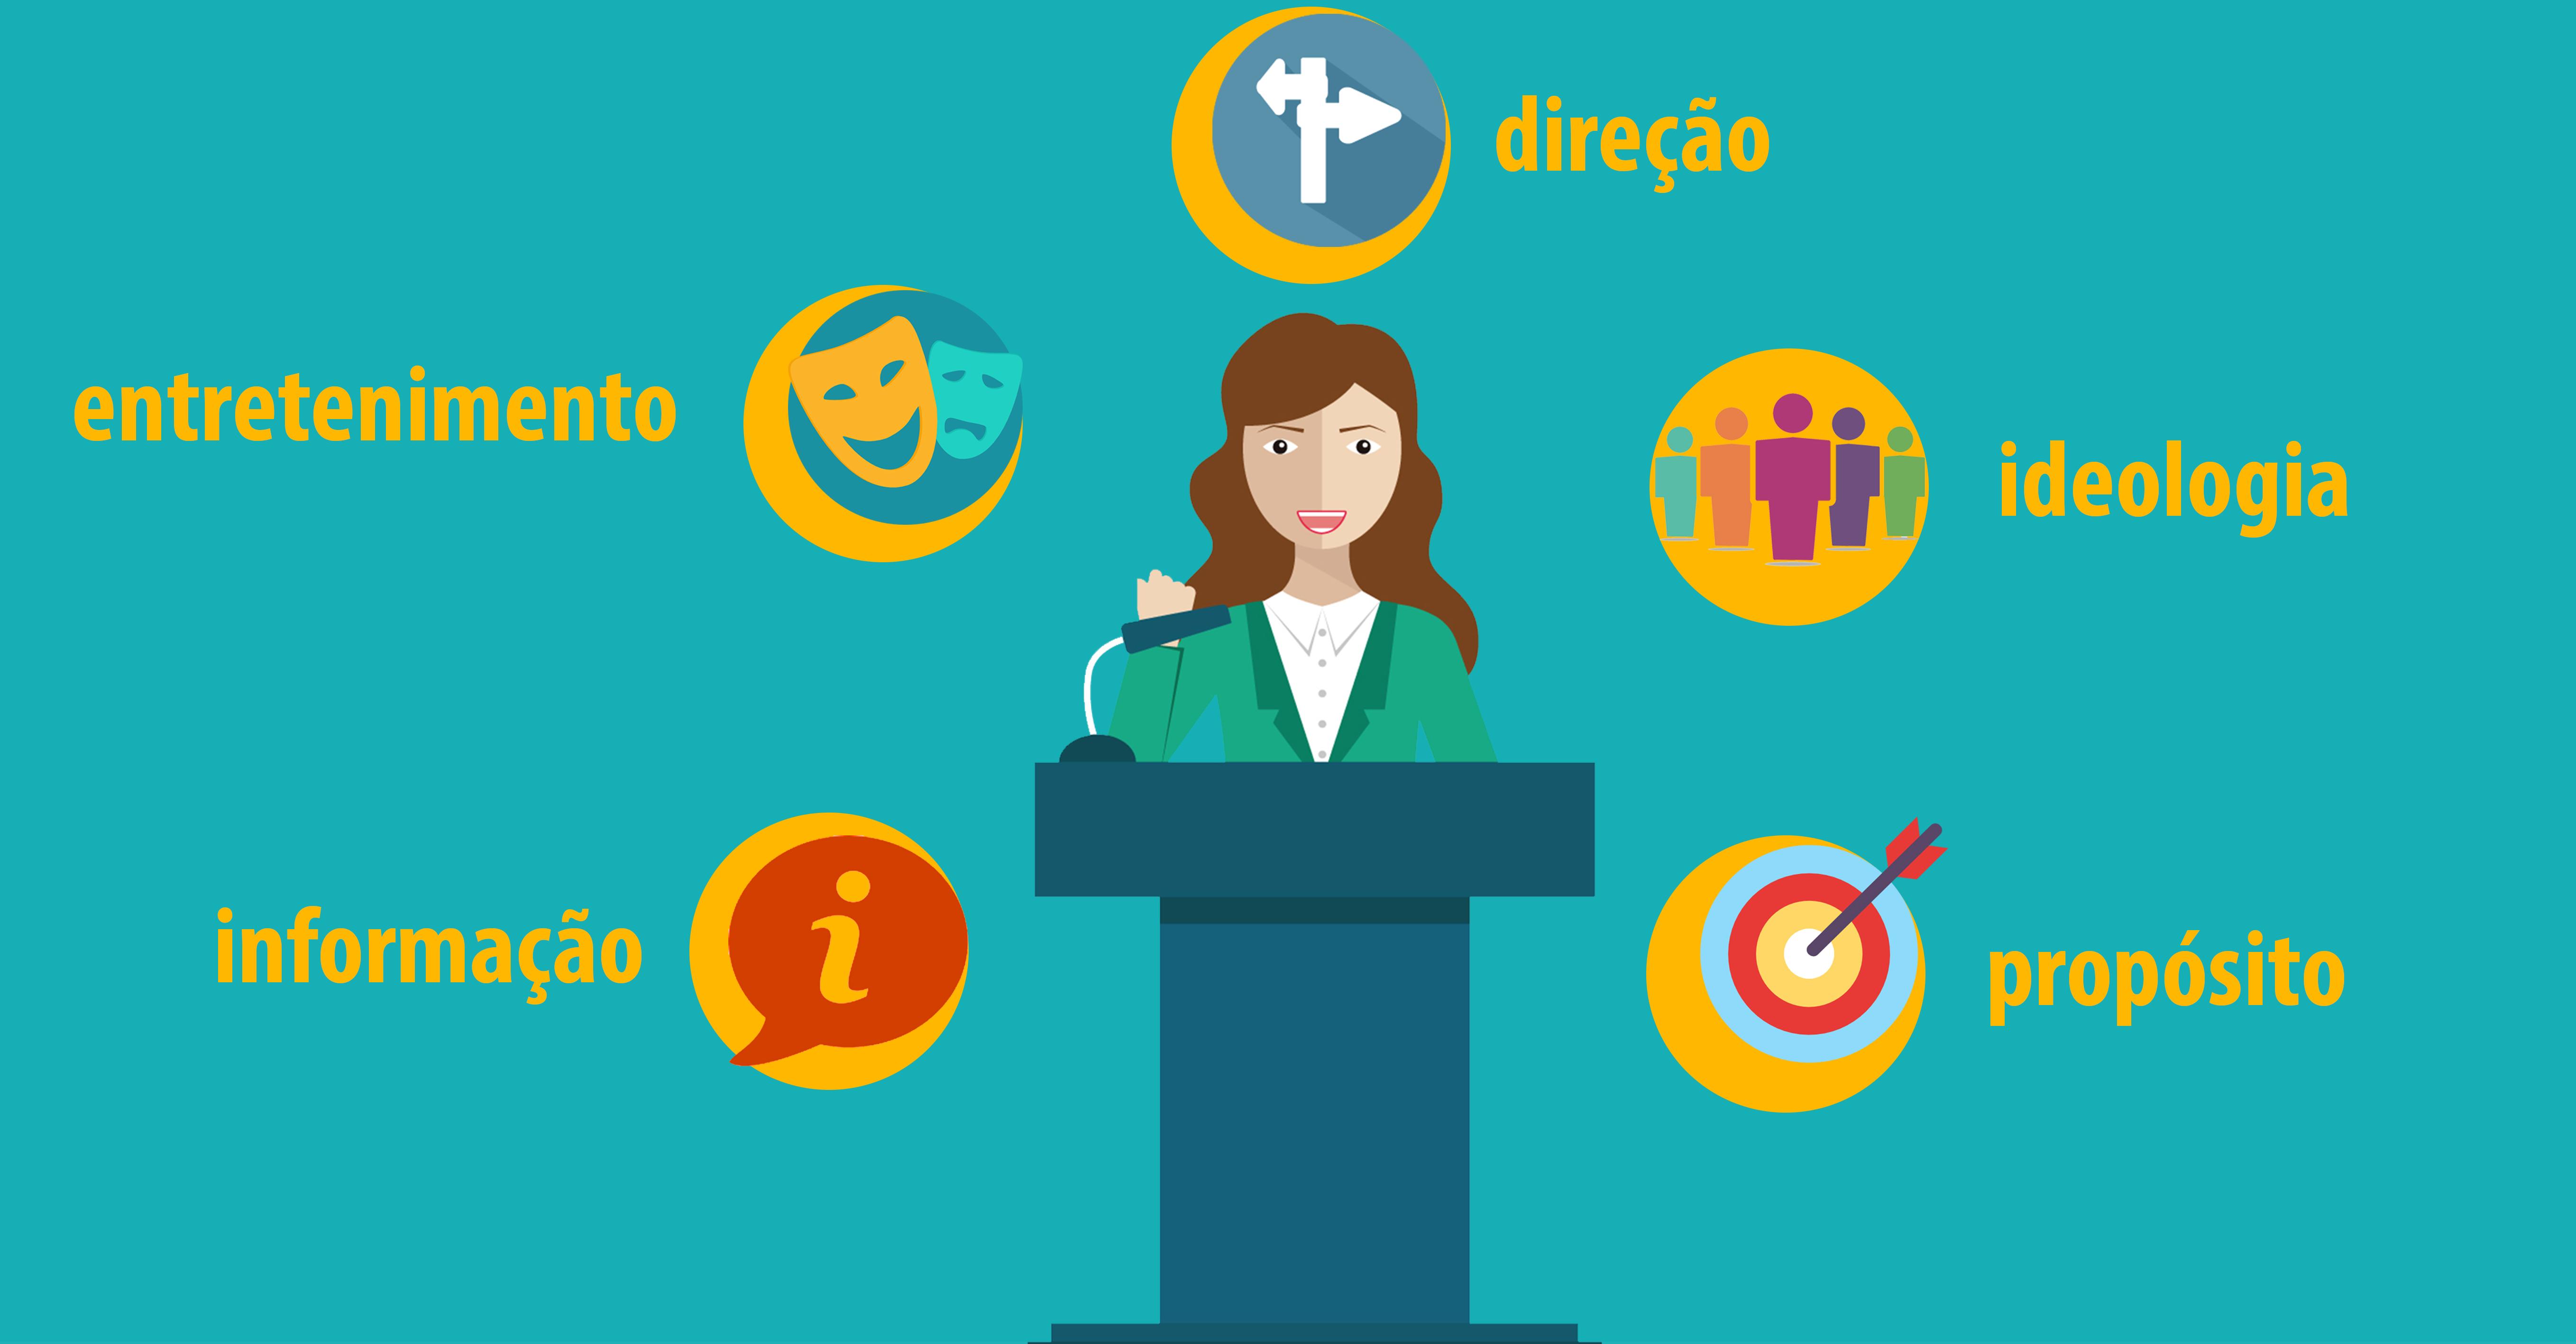 O bom engajamento a um post ou vídeo pode ser alcançado seguindo 5 pontos estratégicos da comunicação política.